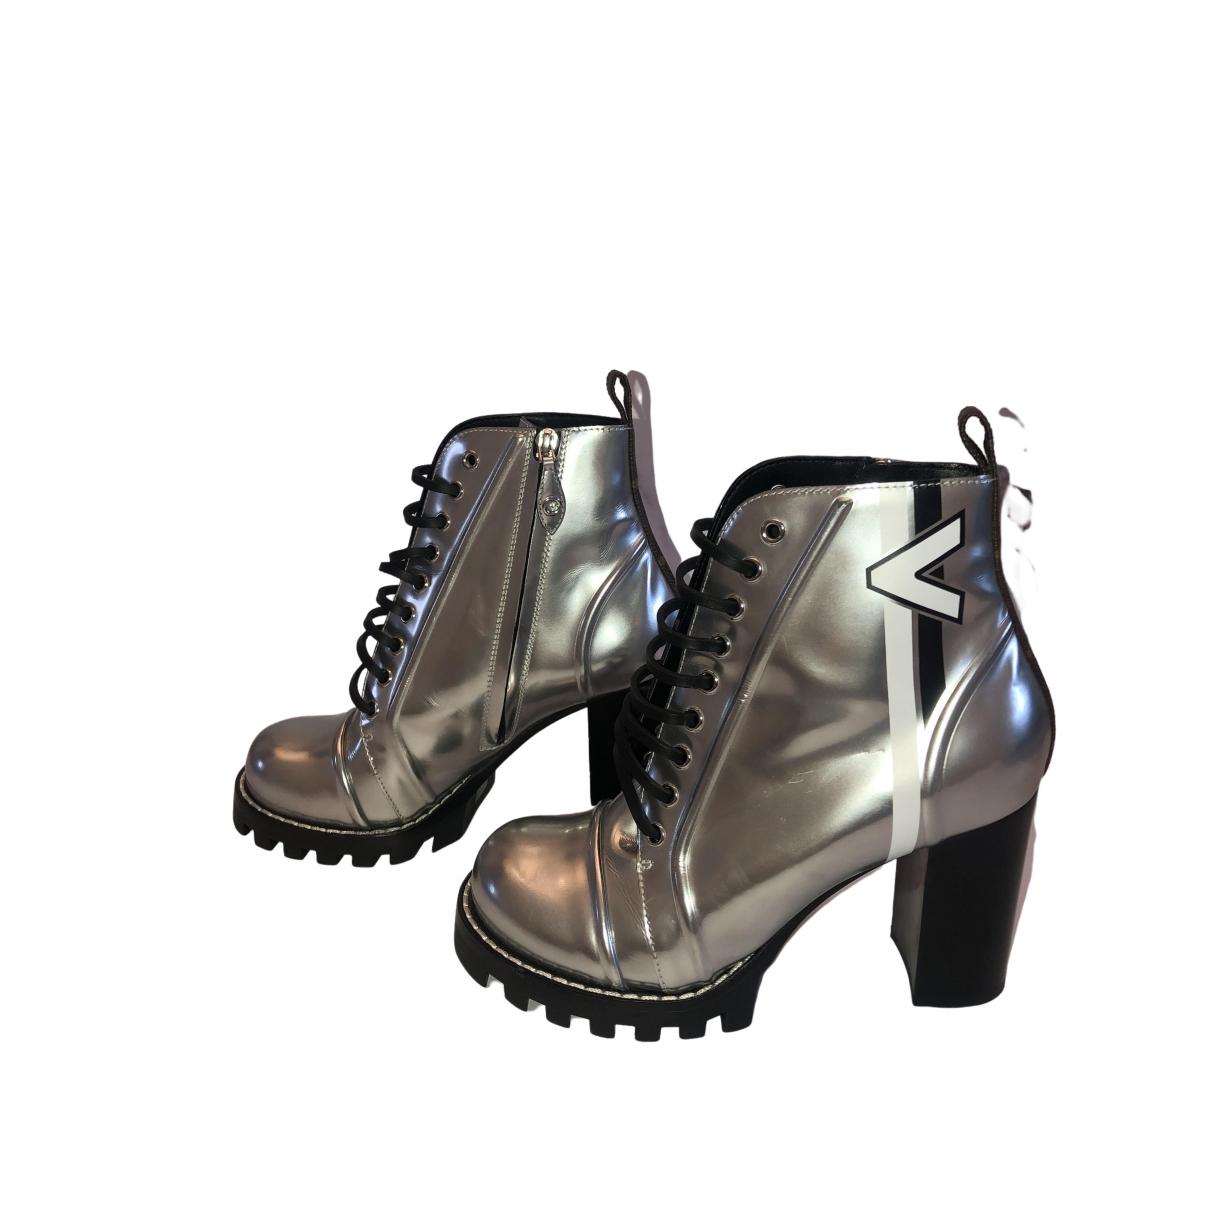 Louis Vuitton Star Trail Stiefeletten in  Silber Lackleder